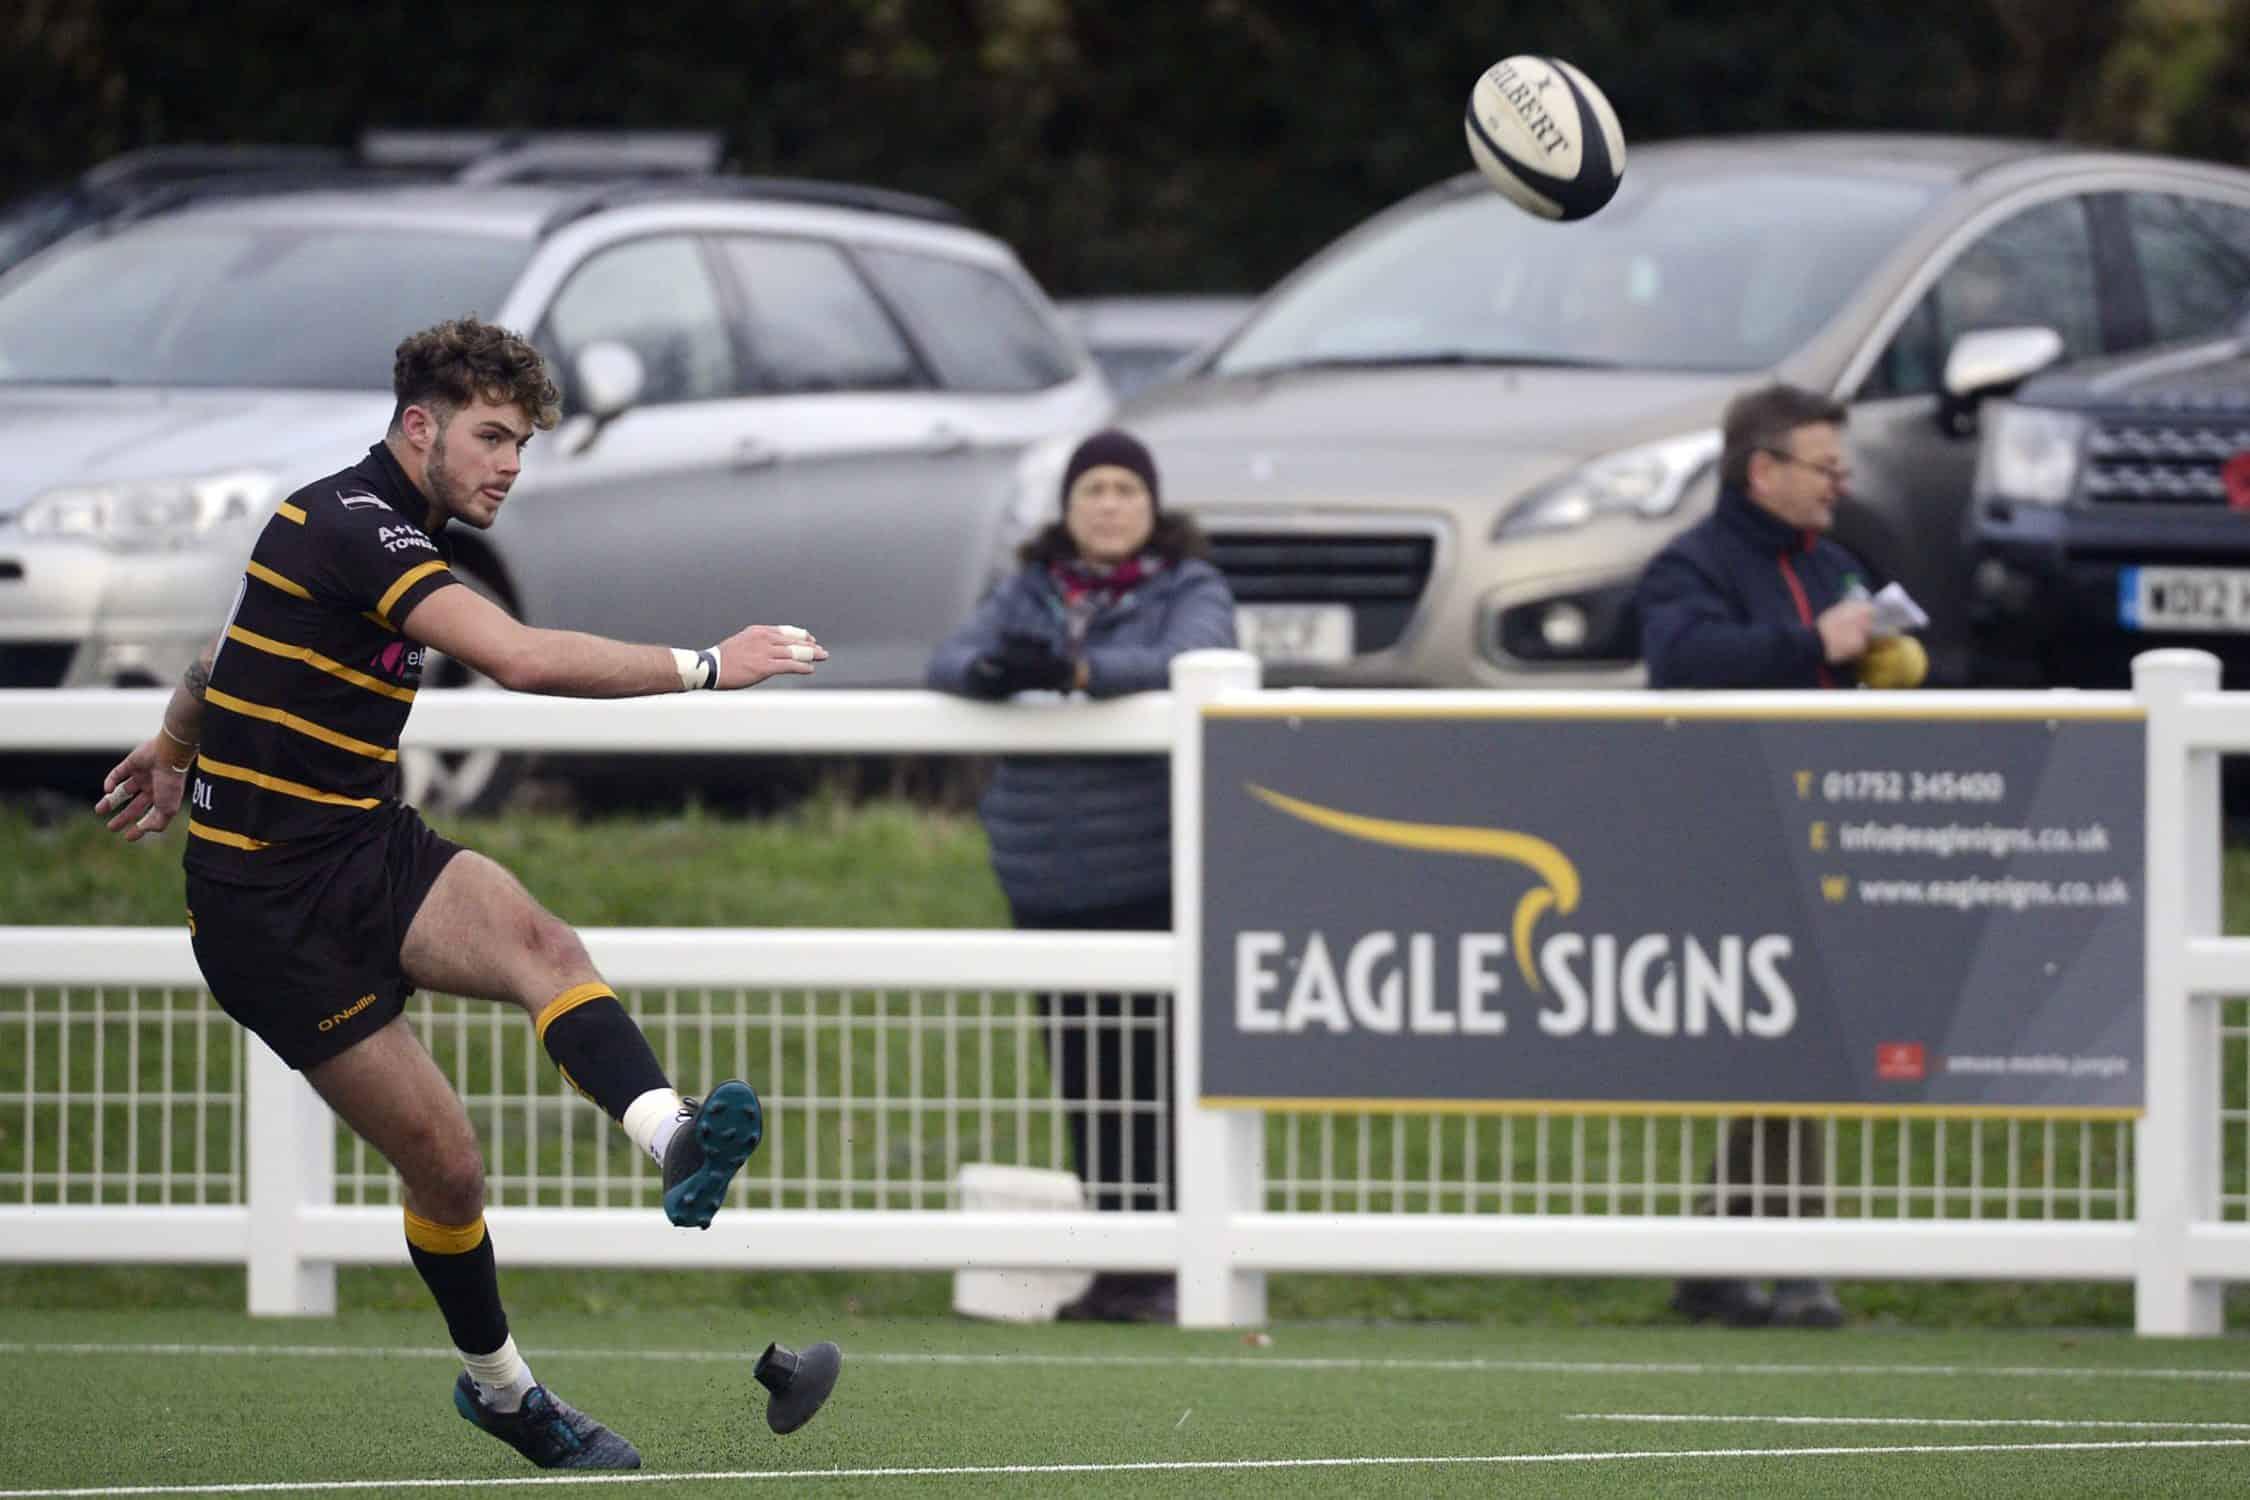 Cornwall U20s v Devon U20s, Ivybridge UK – 26 January 2020